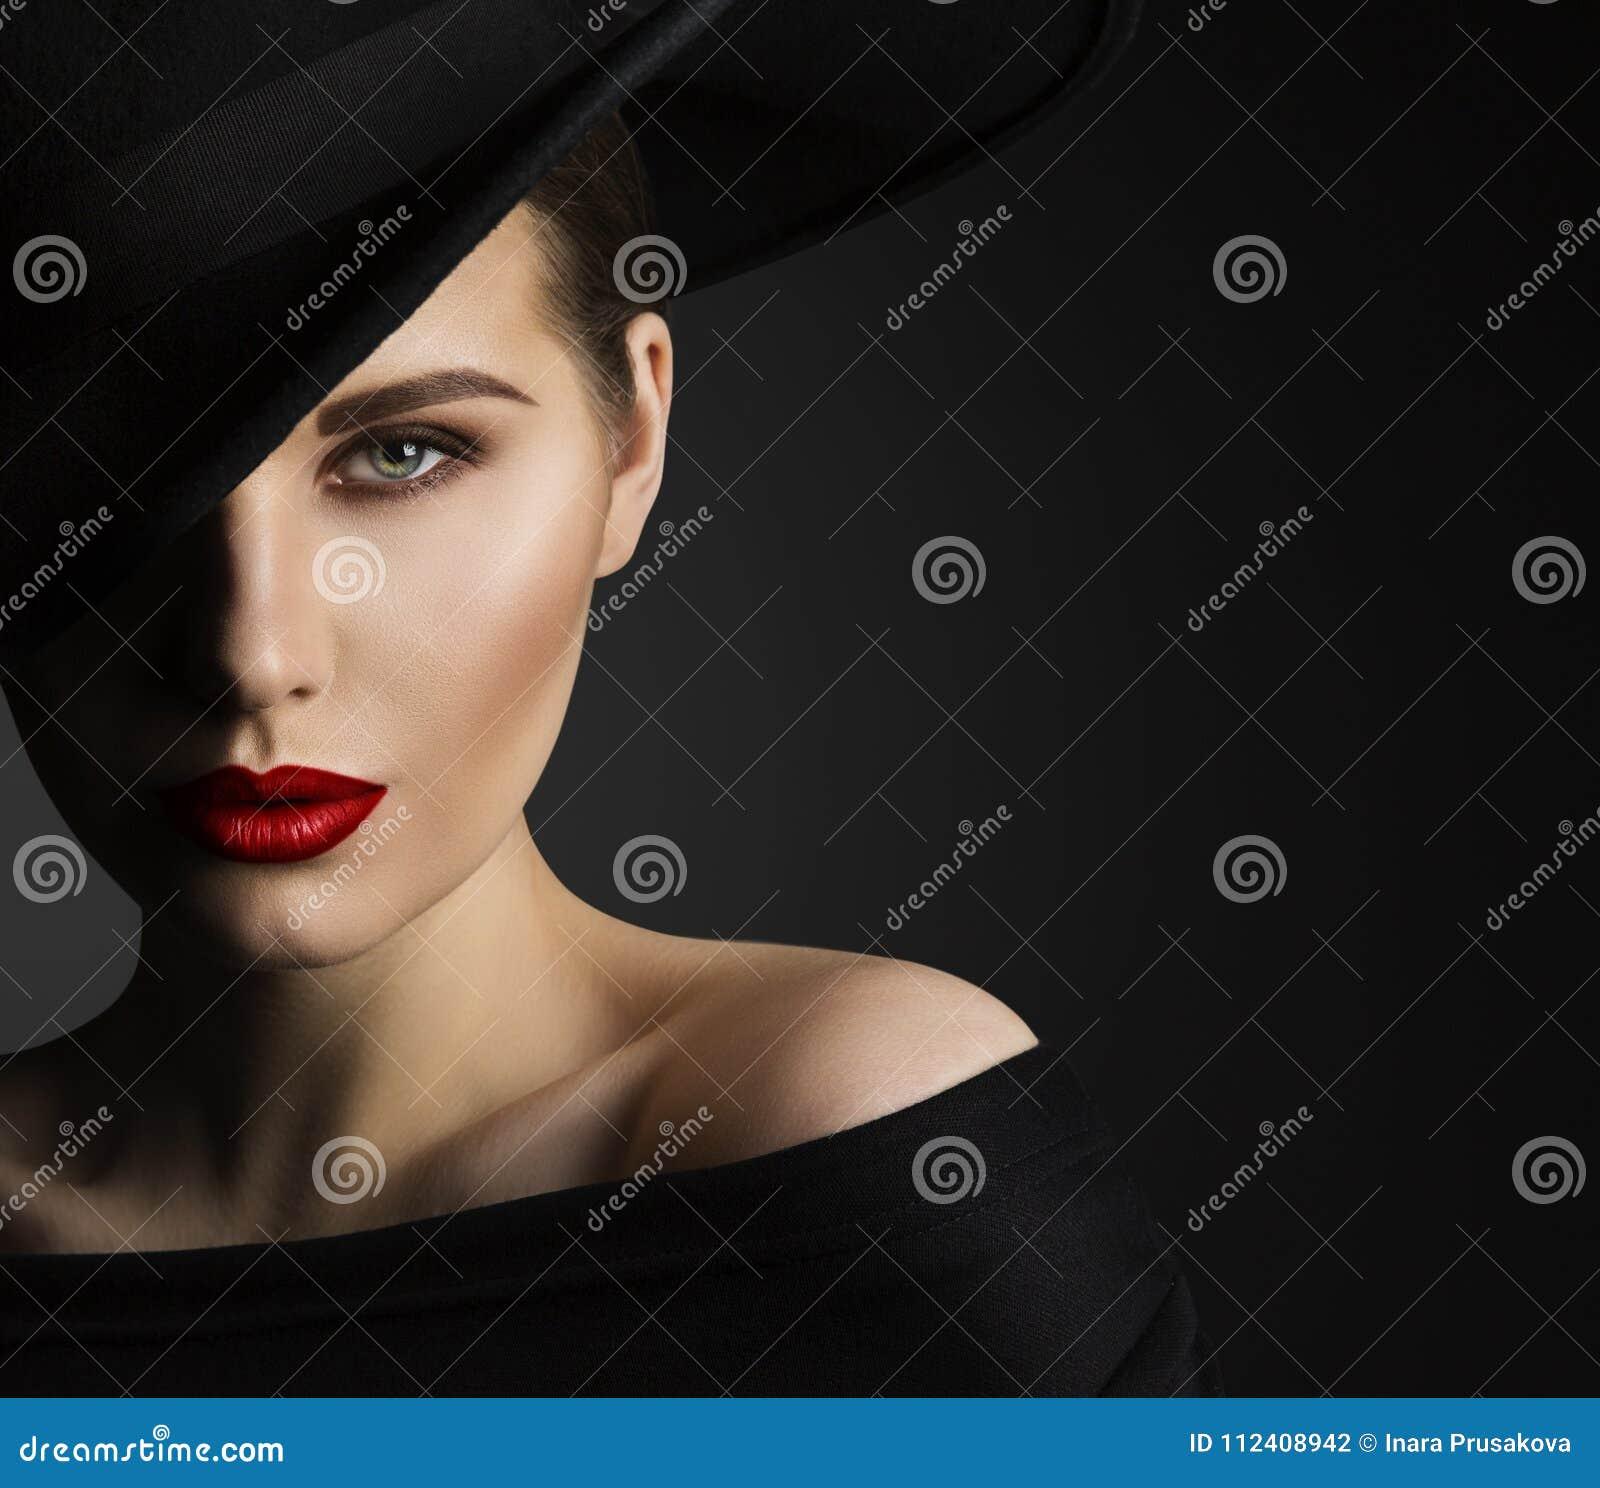 Портрет красоты фотомодели, красота женщины, элегантная черная шляпа